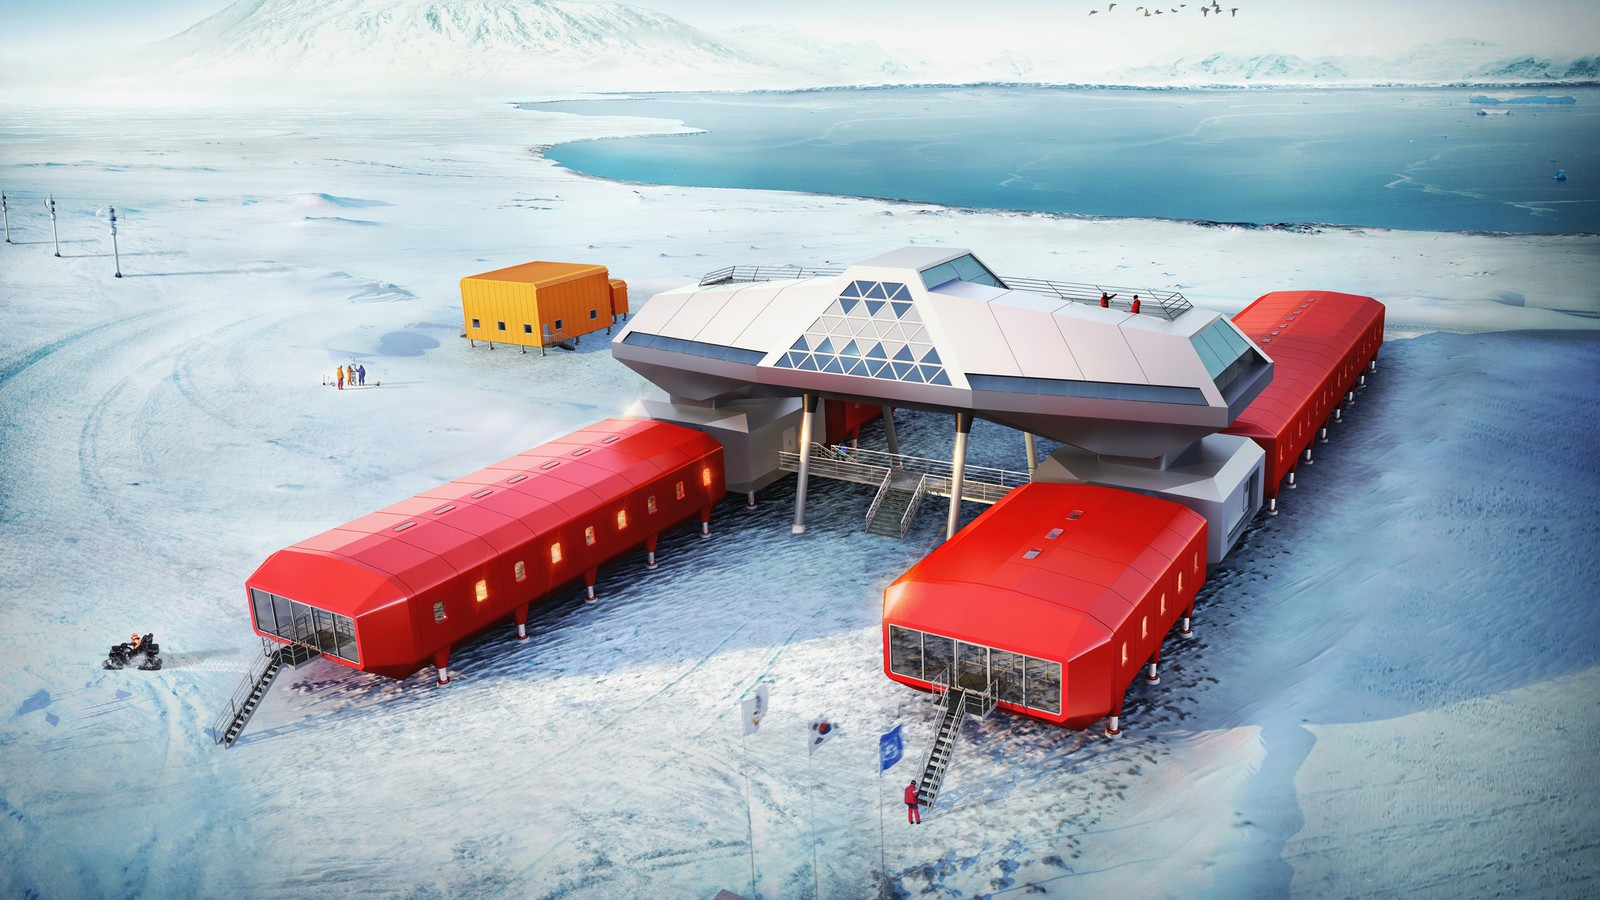 Jang Bogo Korean Antarctic Research Station 1